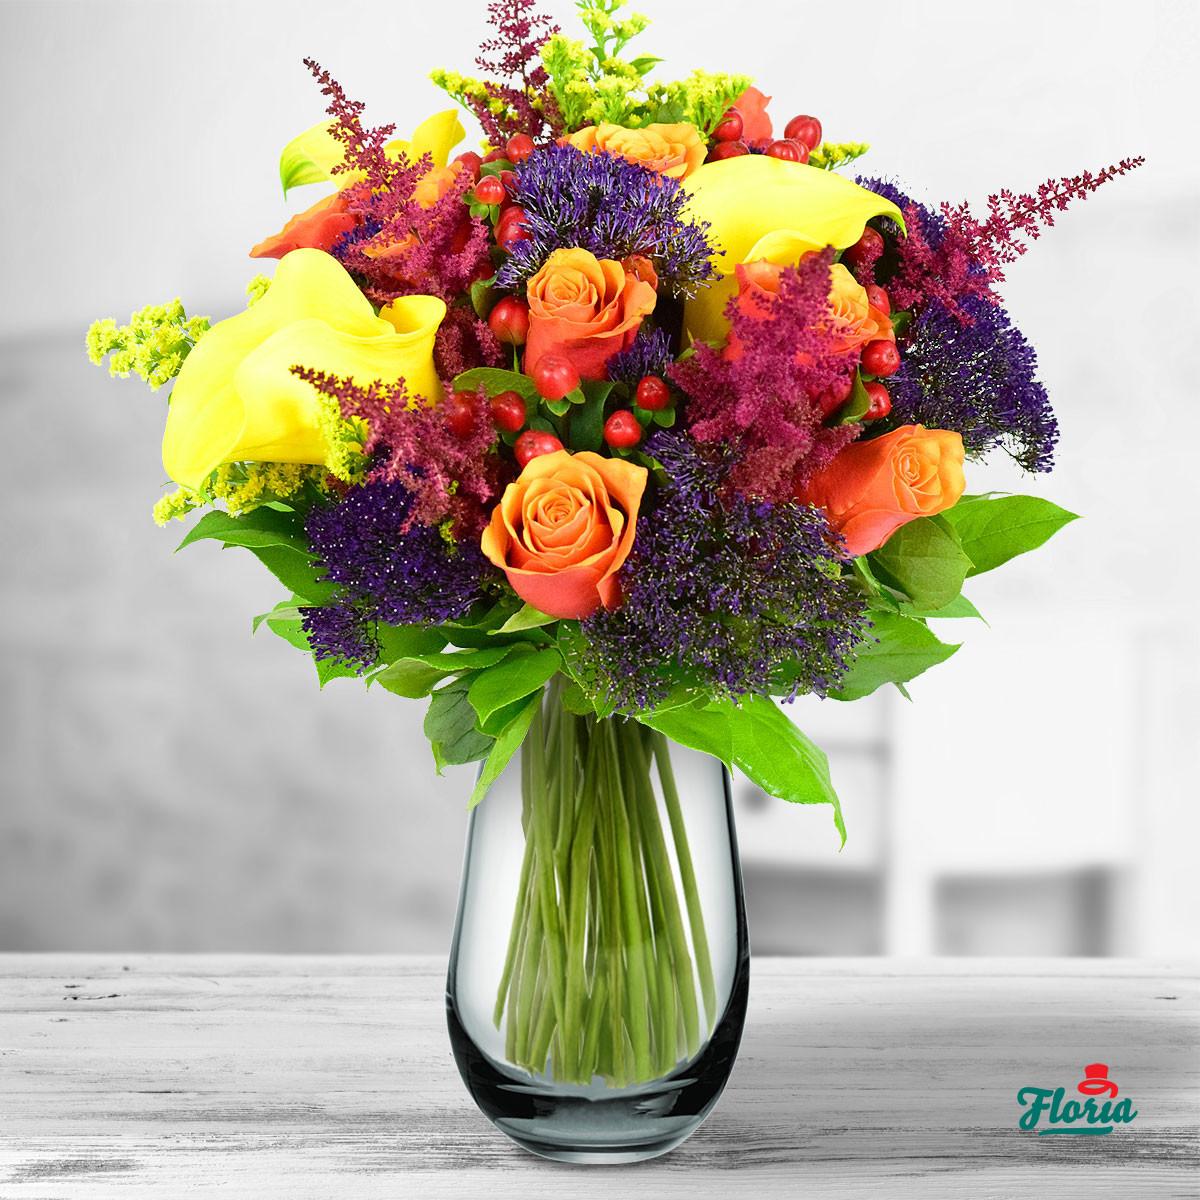 floria-buchet-cu-trachelium-cale-si-trandafiri-33857